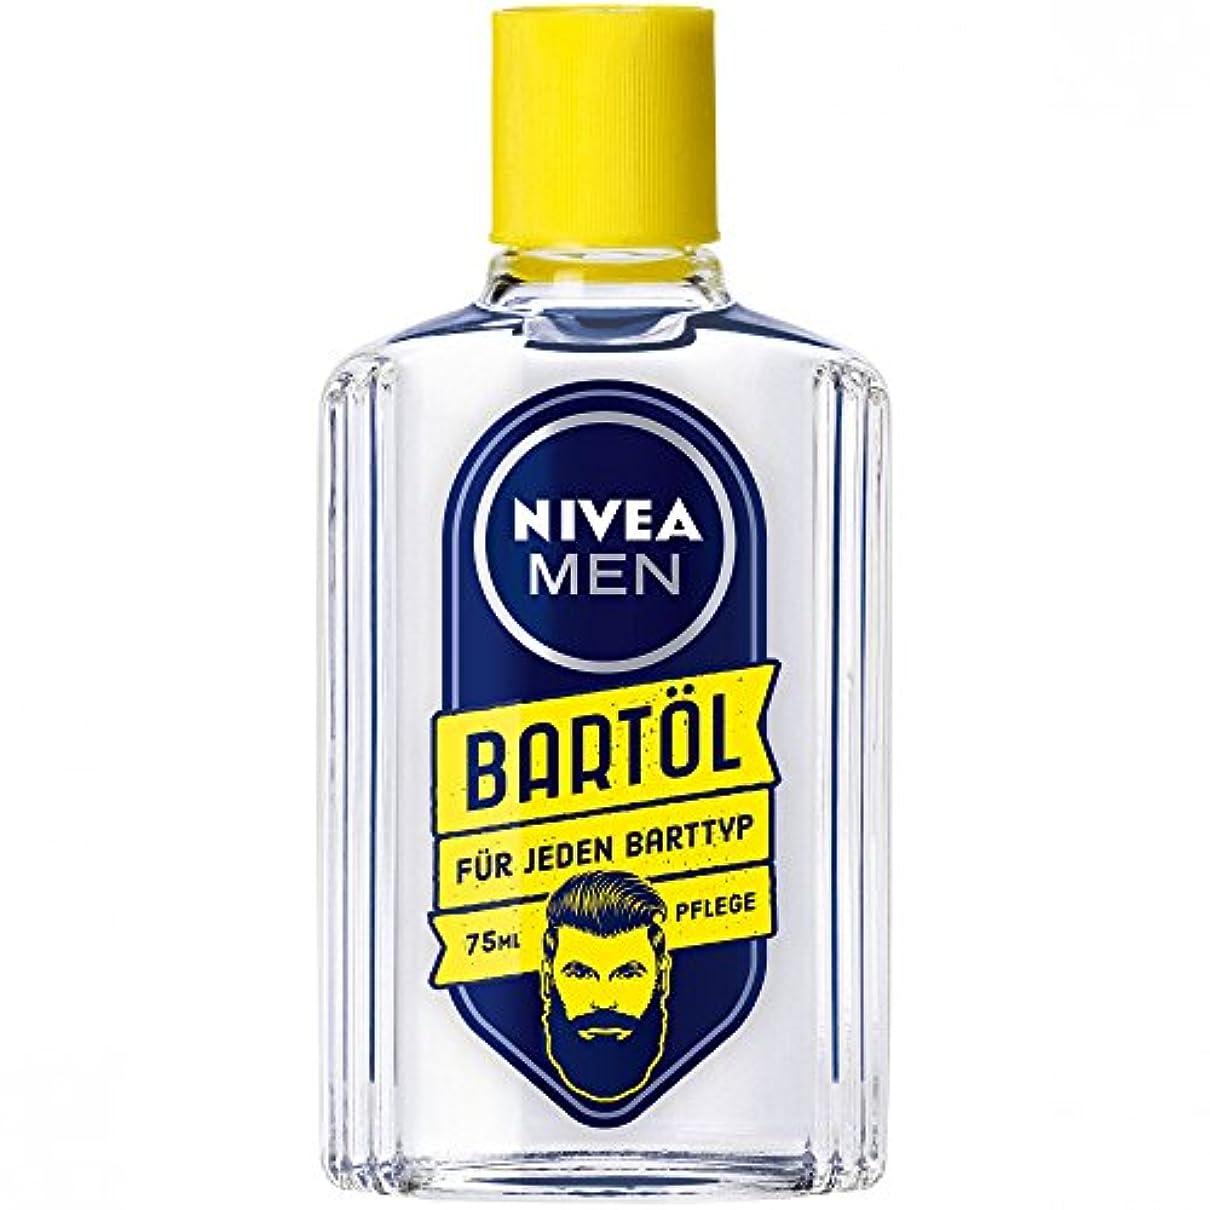 ニベアメン Beard Oil ひげの維持のための油 75ml (1) [並行輸入品]